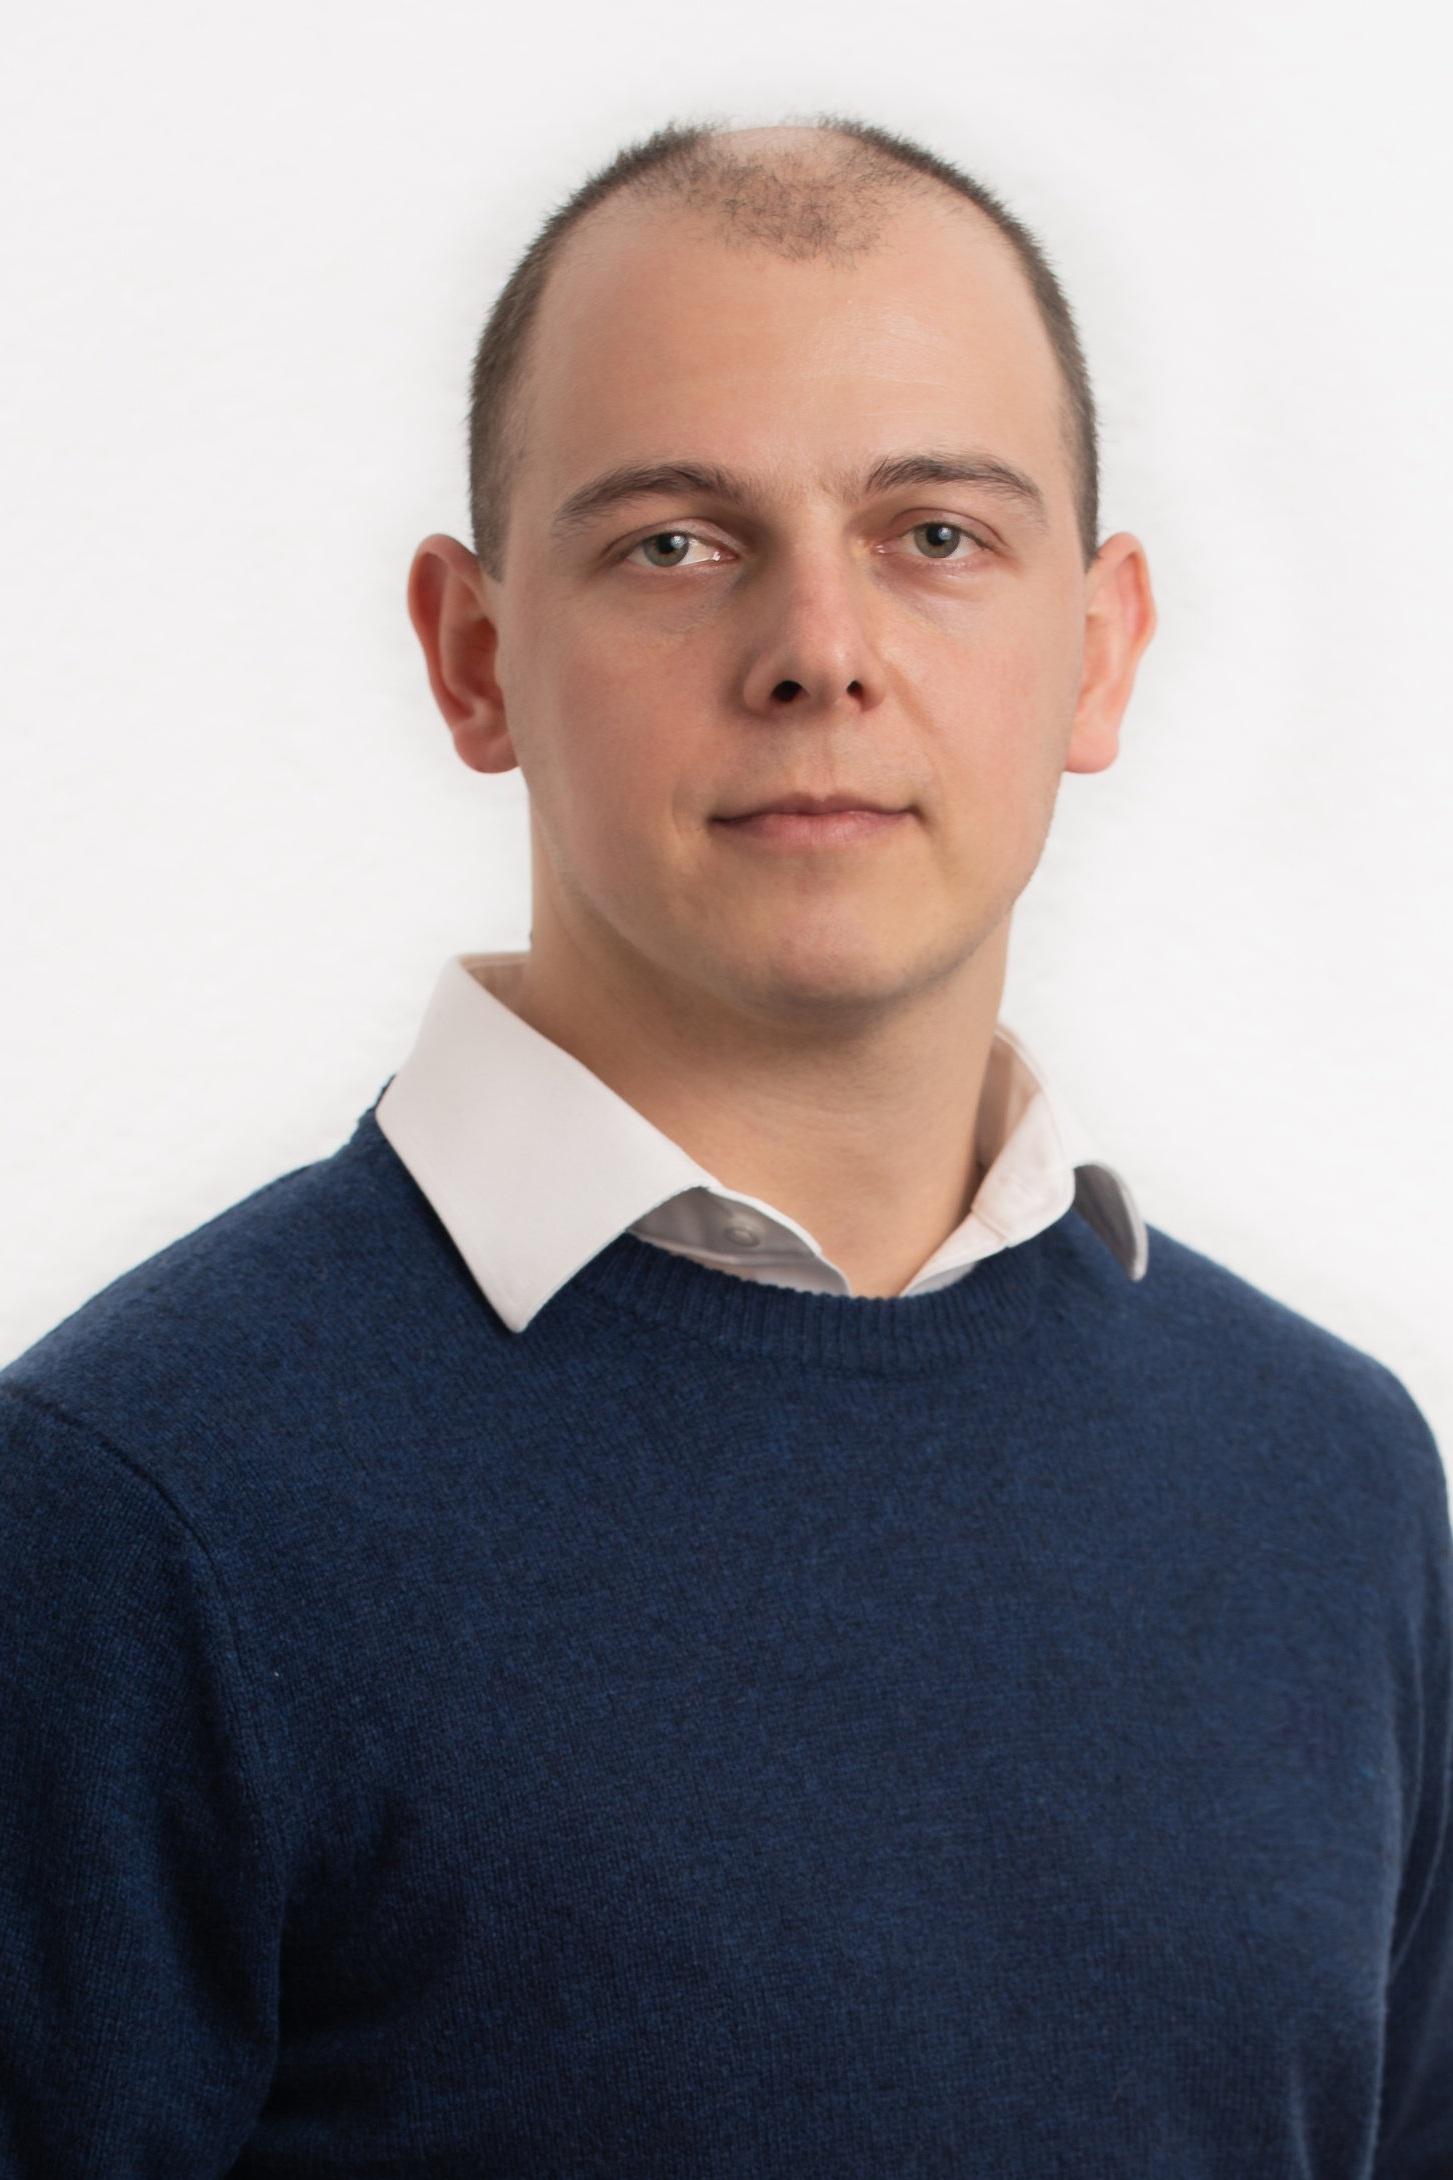 Tomasz+Cwik.jpg